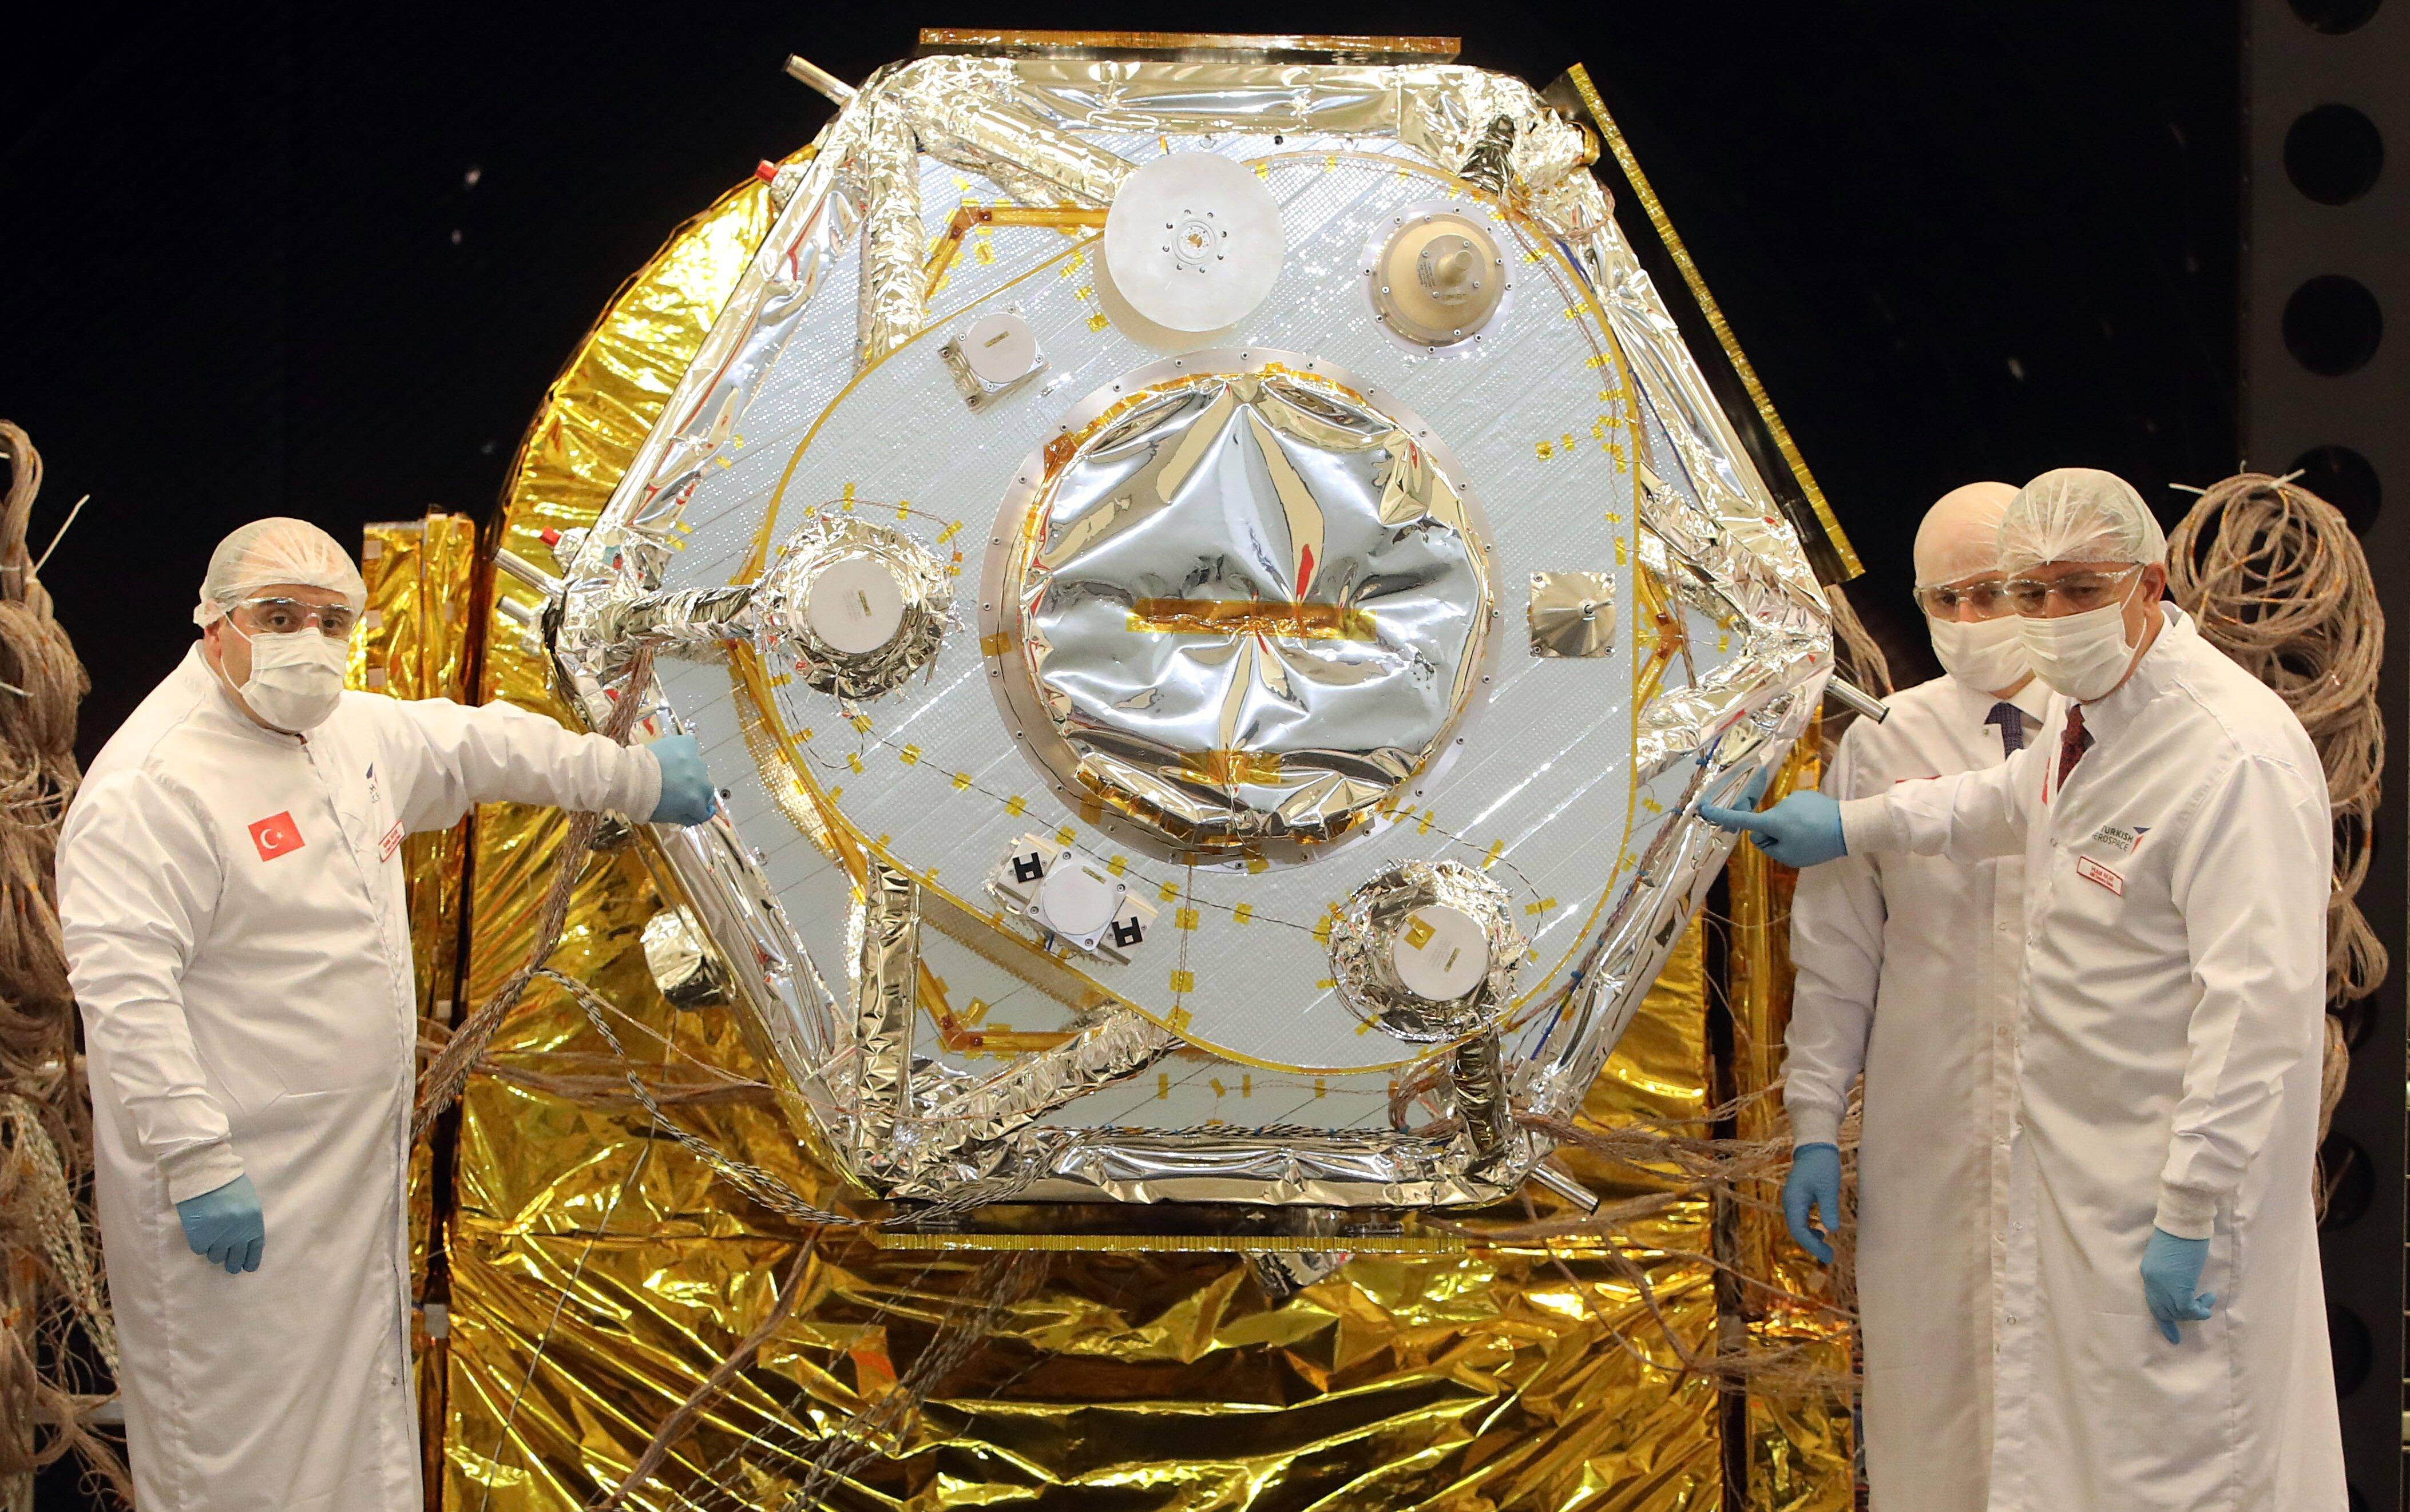 تركيا تنتج أول قمر صناعي للرصد والمراقبة